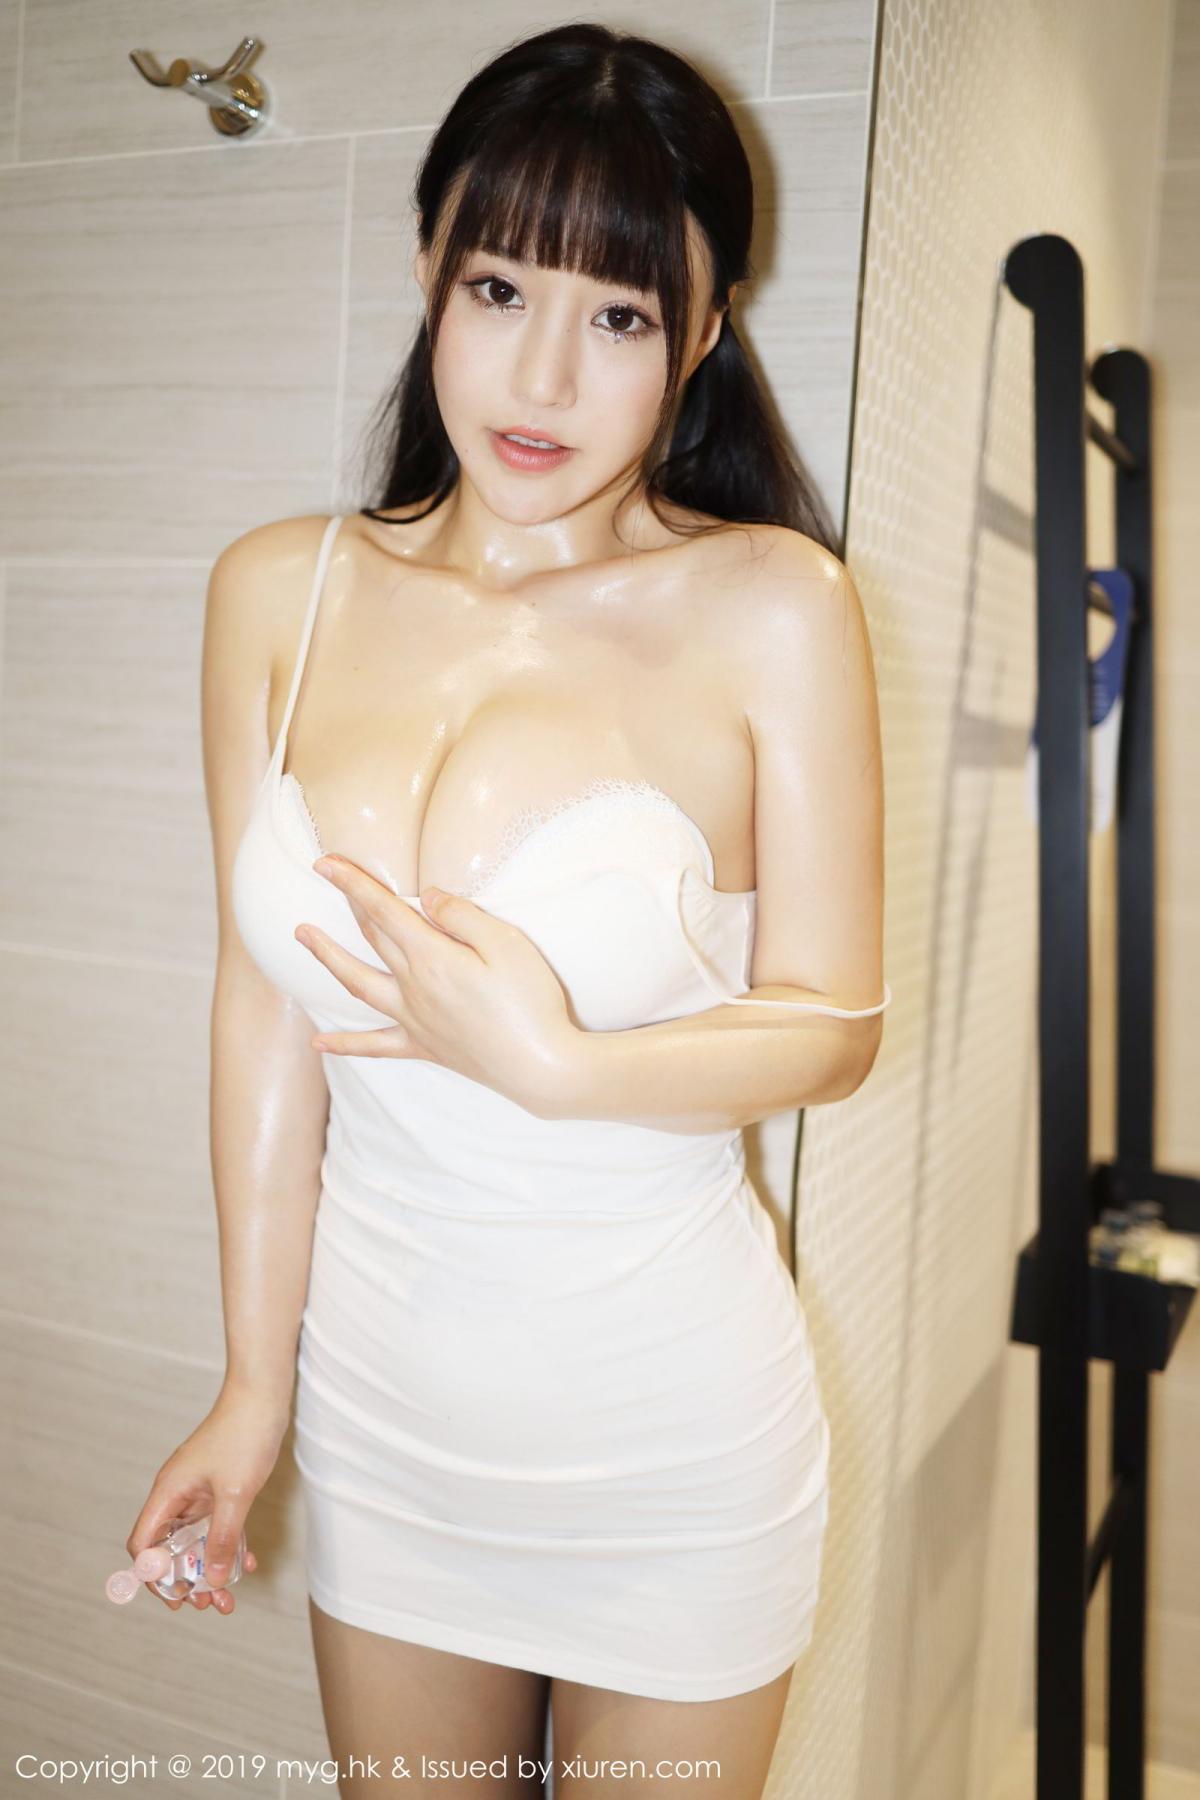 [MyGirl] Vol.367 Zhu Ke Er 12P, mygirl, Zhu Ke Er